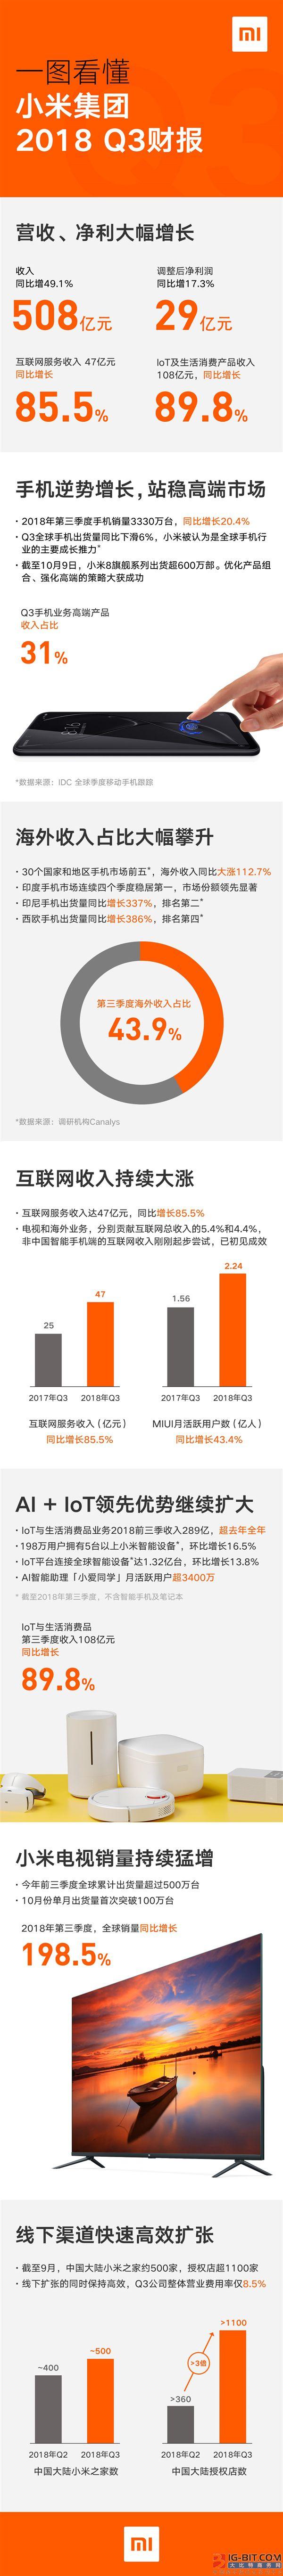 小米2018第三季度收入508亿元:海外猛增112.7%